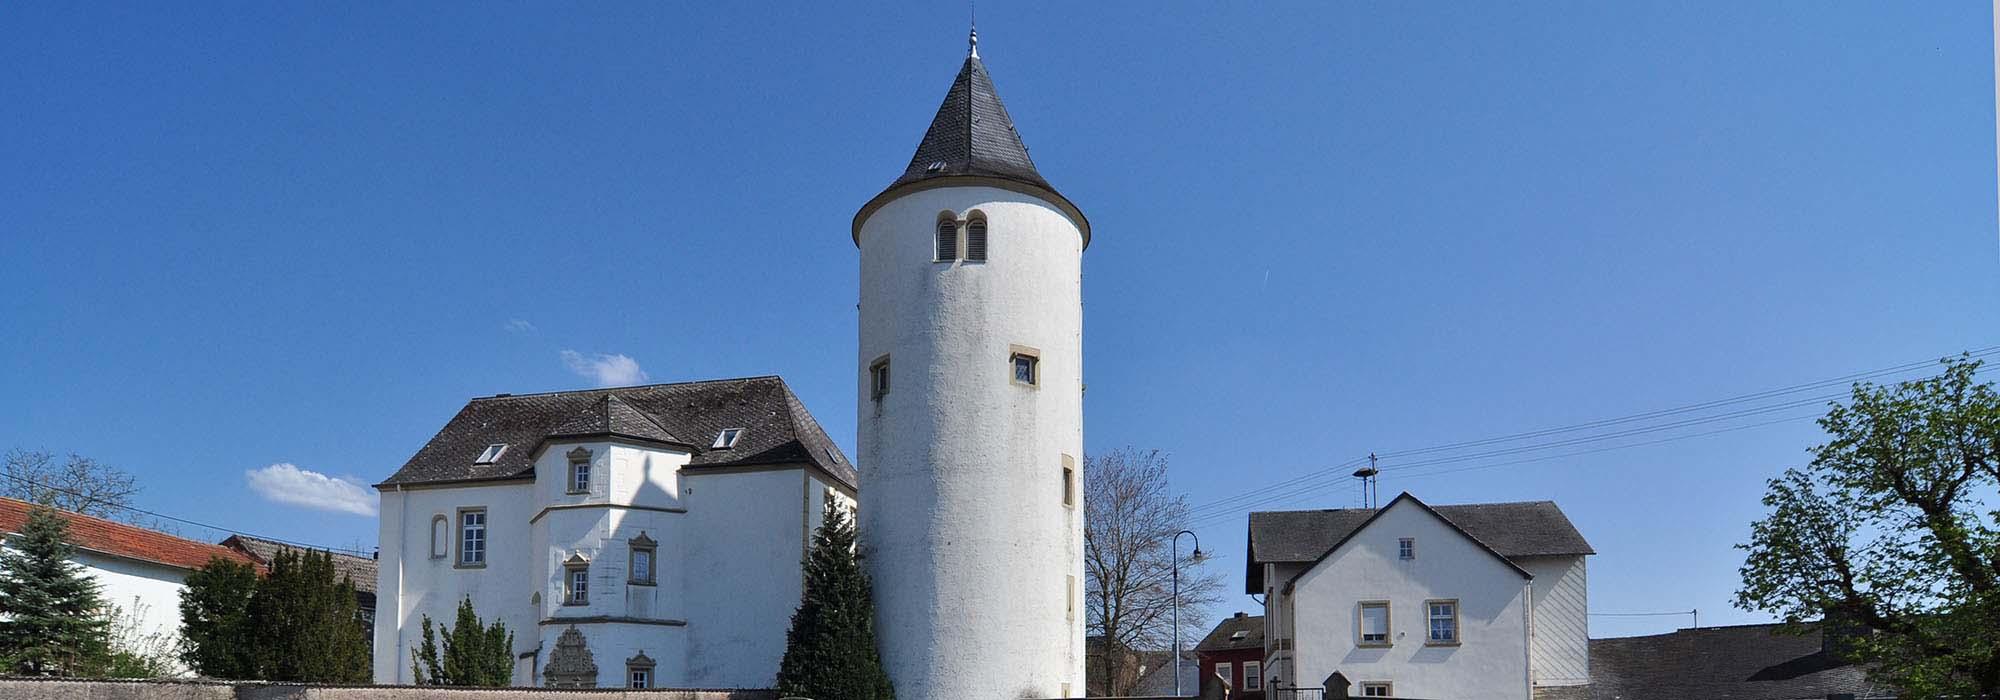 WincheringenDSC_1616